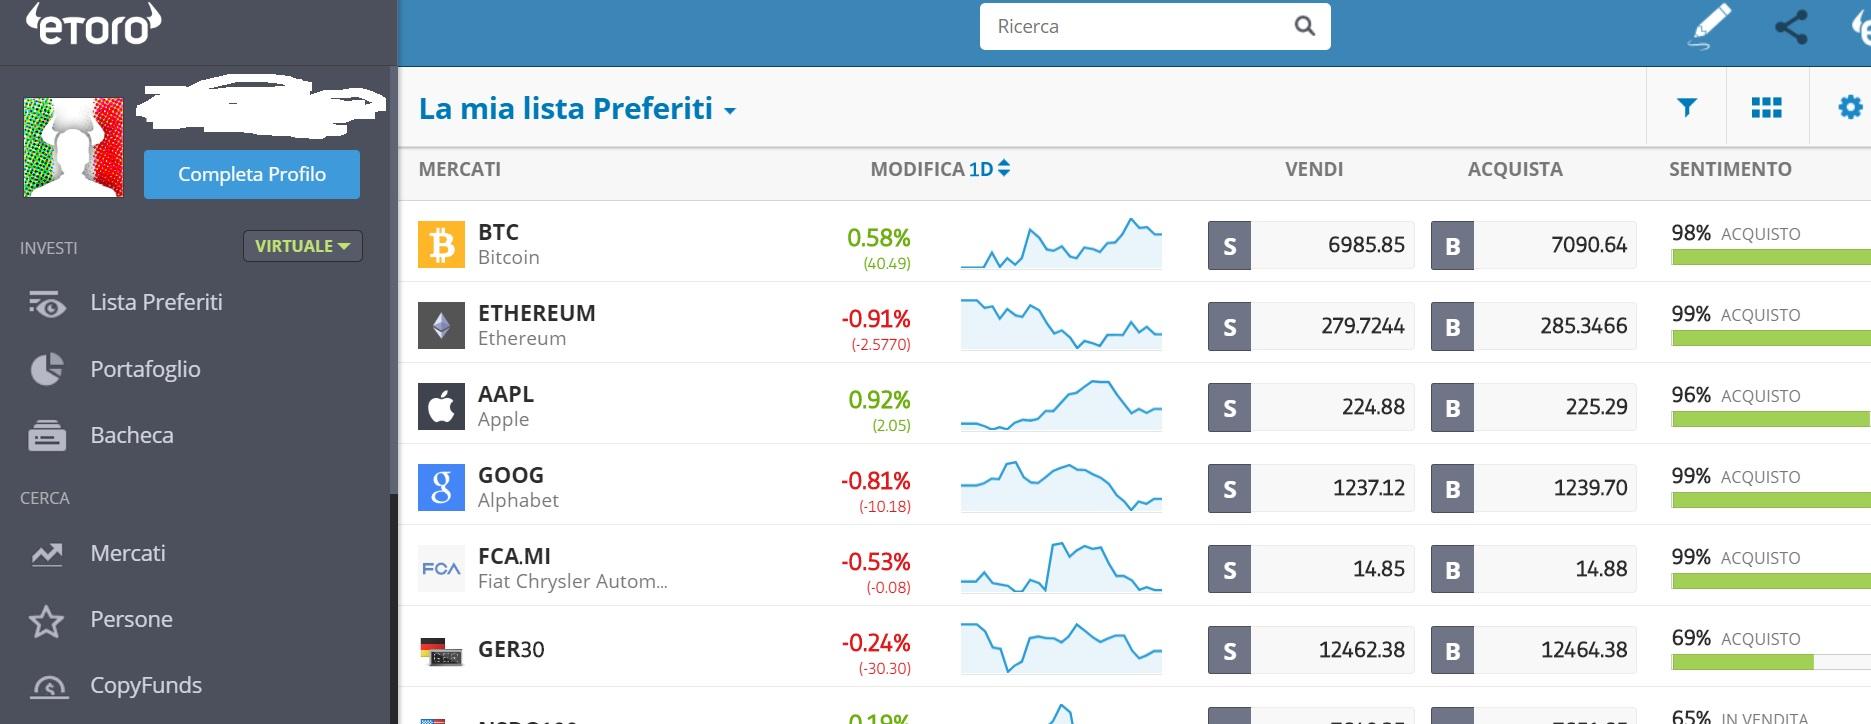 Calendario Economico Markets.Broker Market Maker Cosa Sono E Quali Sono I Migliori